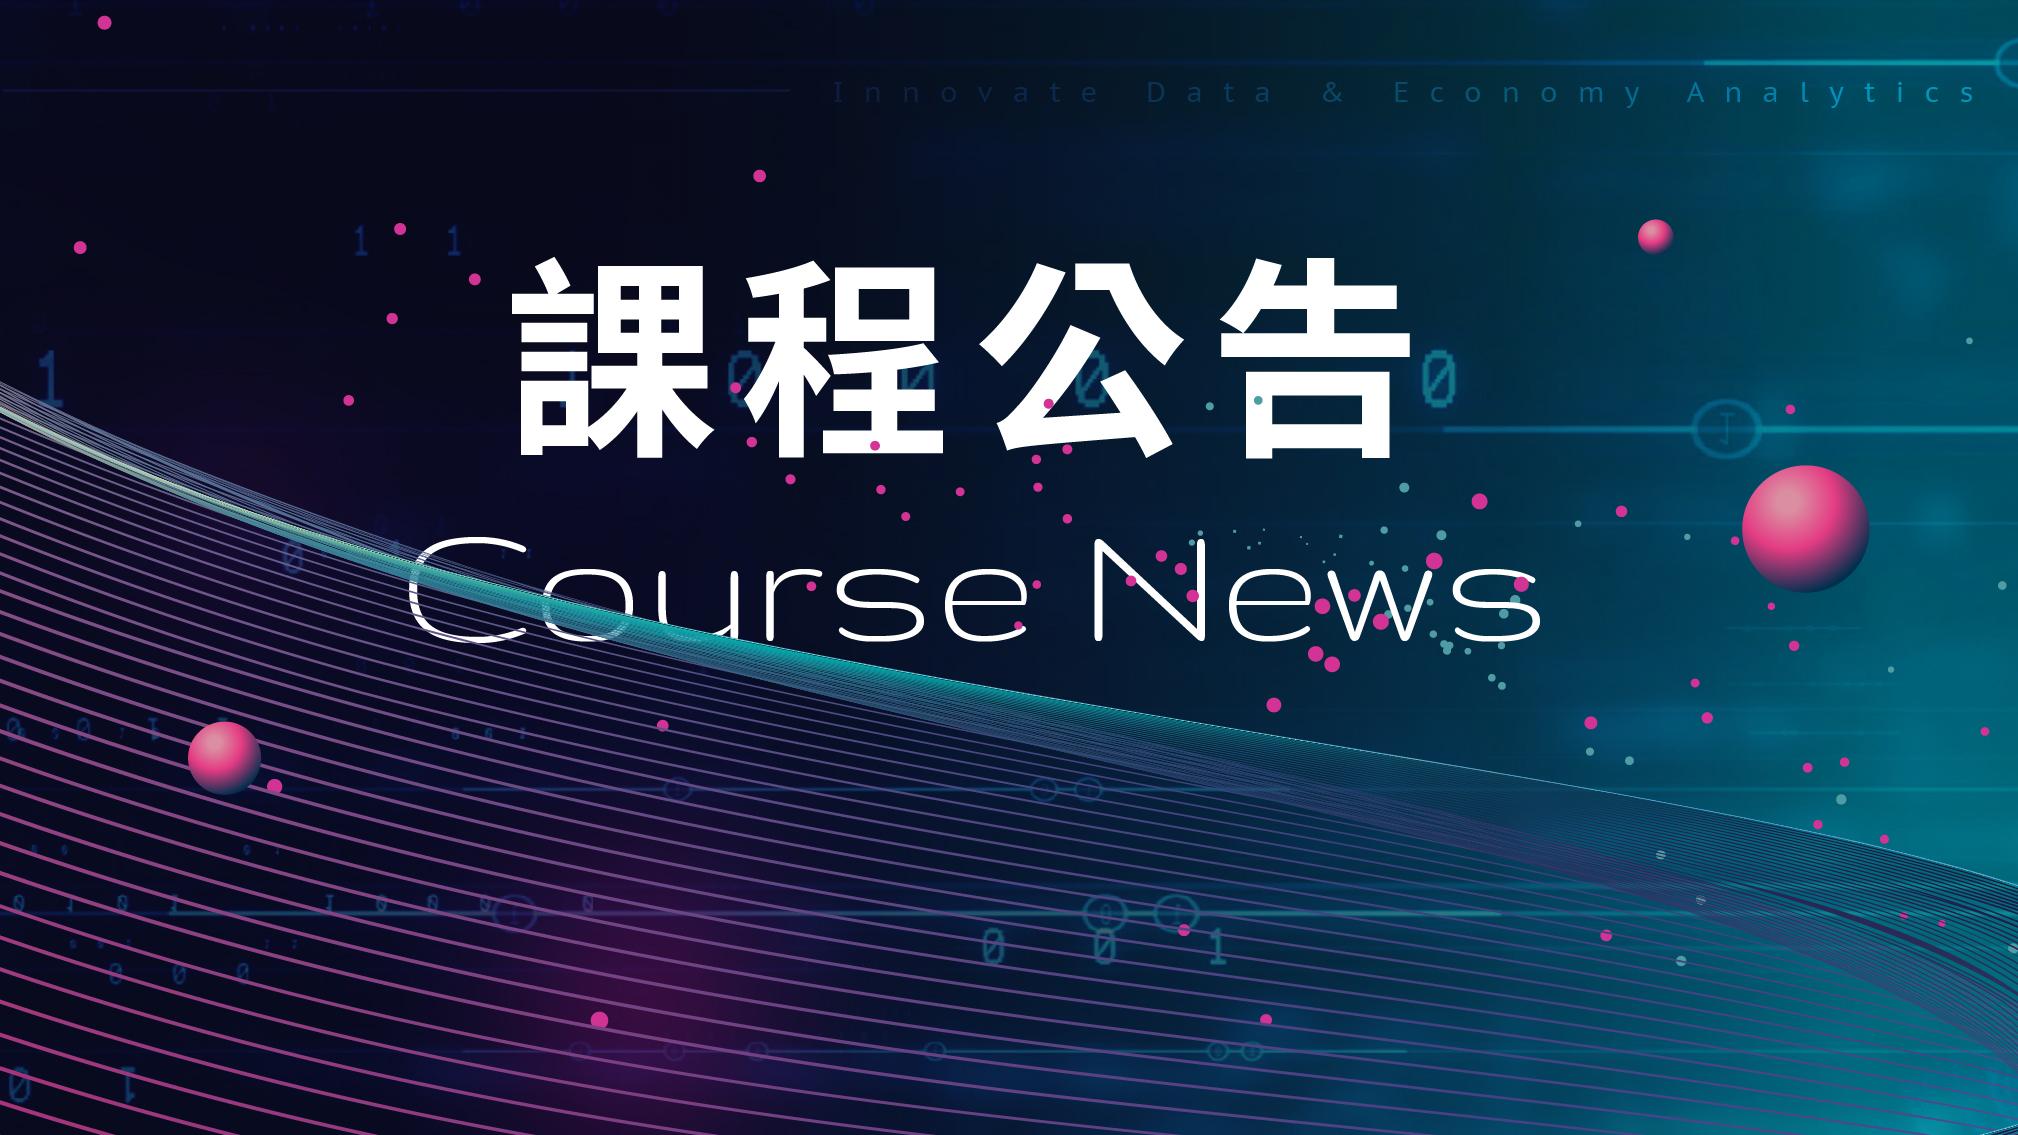 【創新經濟數位學堂第2集】上線開課囉!